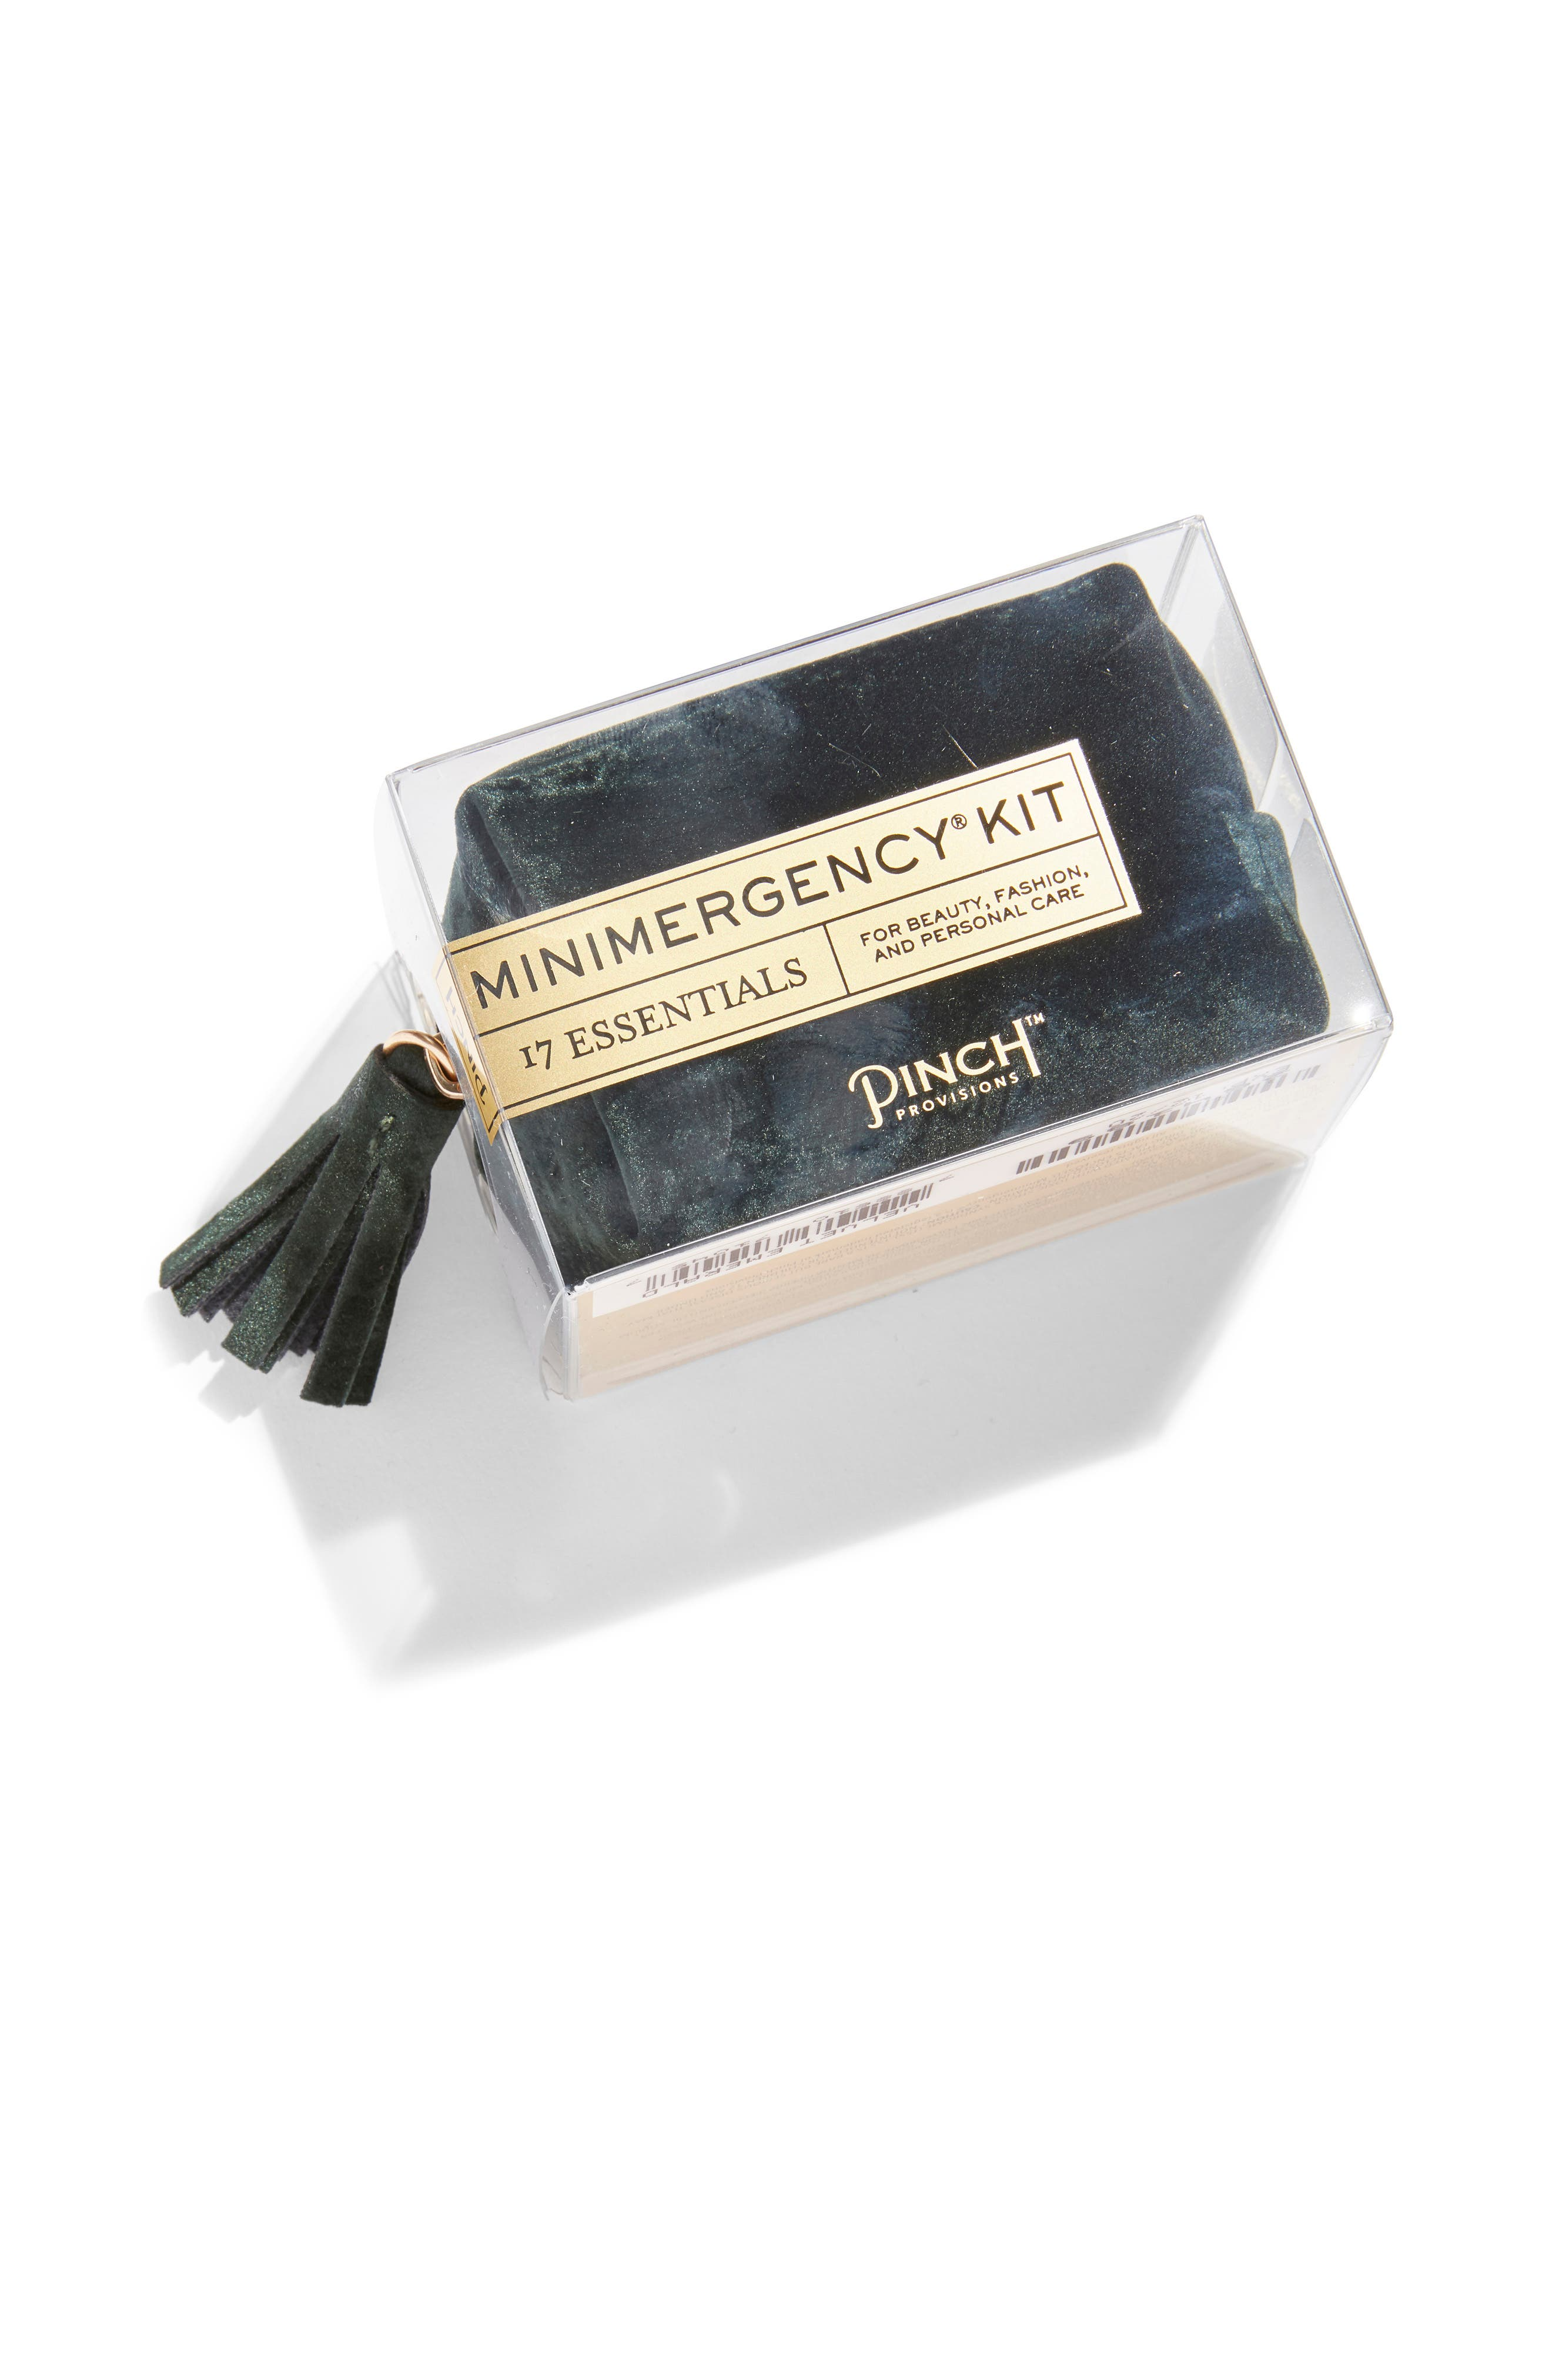 Velvet Minimergency Kit,                             Alternate thumbnail 2, color,                             300